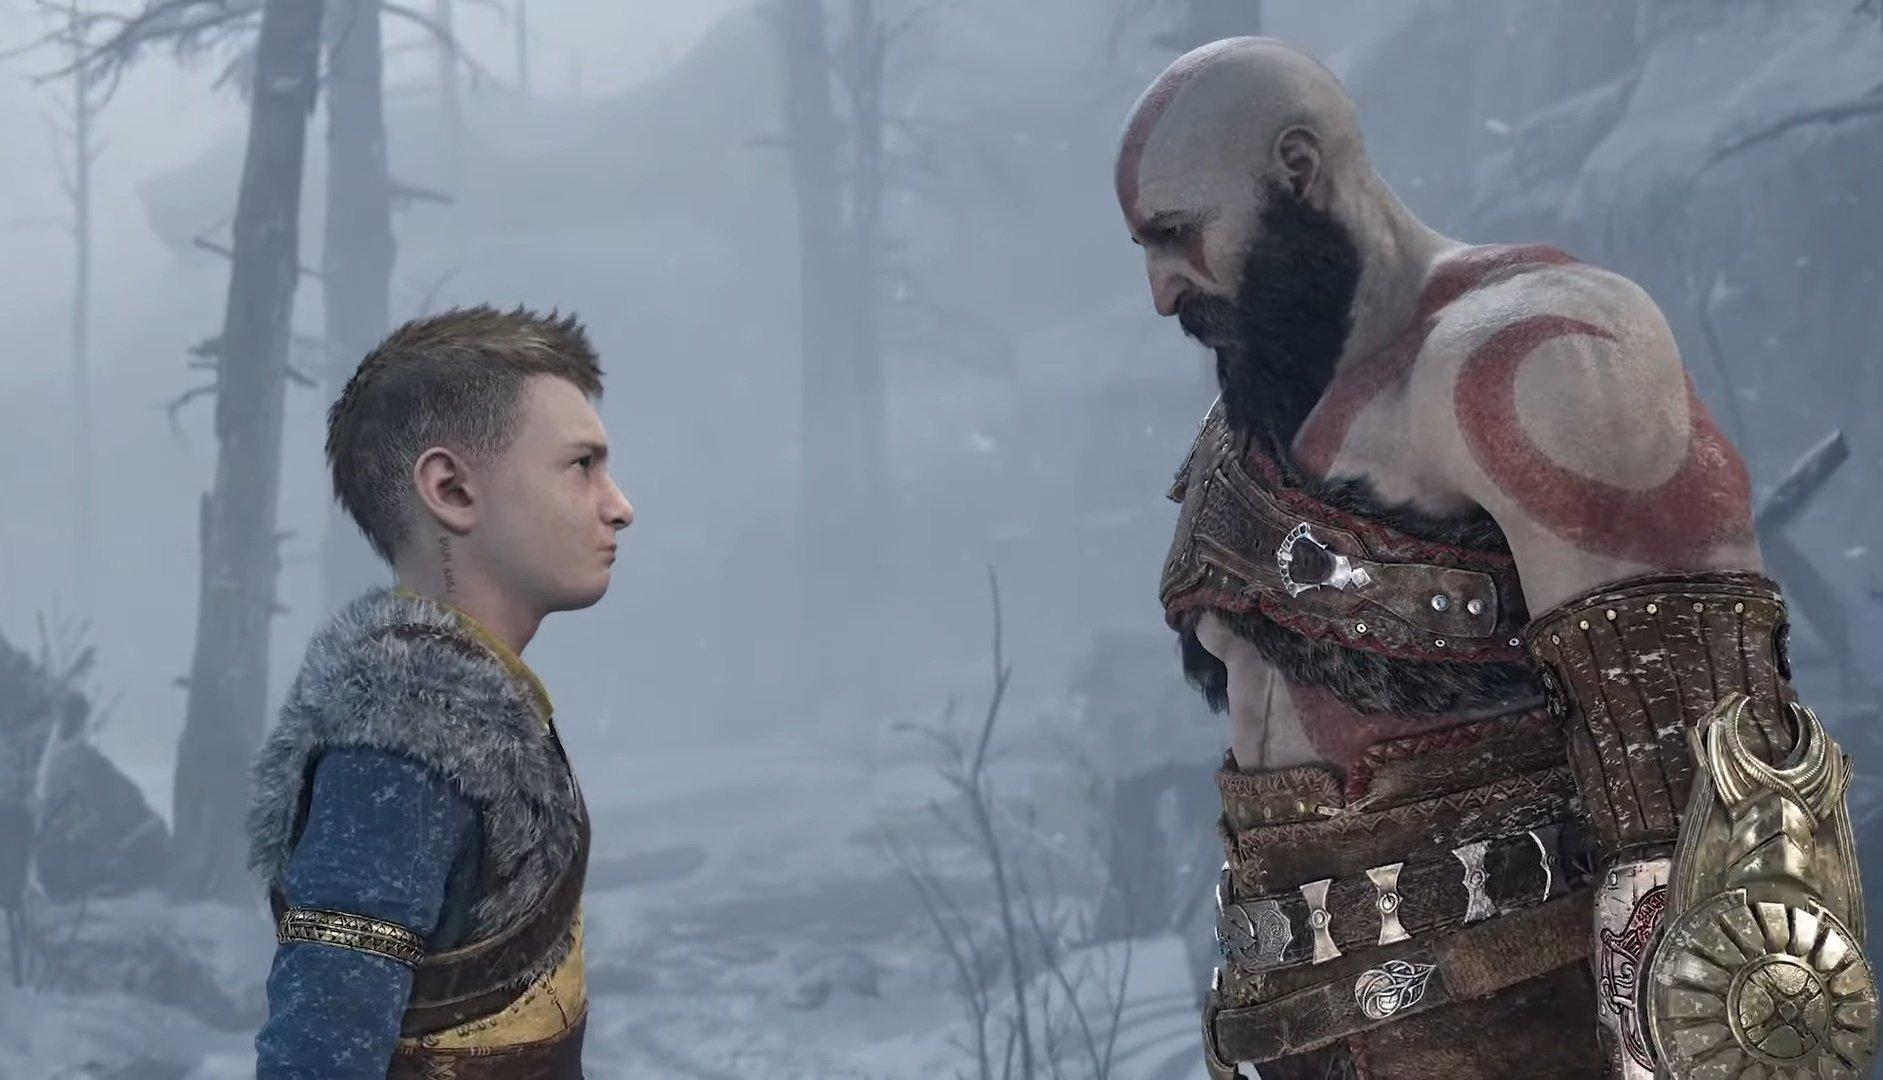 El actor de Kratos en God of War Ragnarok casi renuncia al saber que Cory  Barlog no dirigiría la secuela - HobbyConsolas Juegos